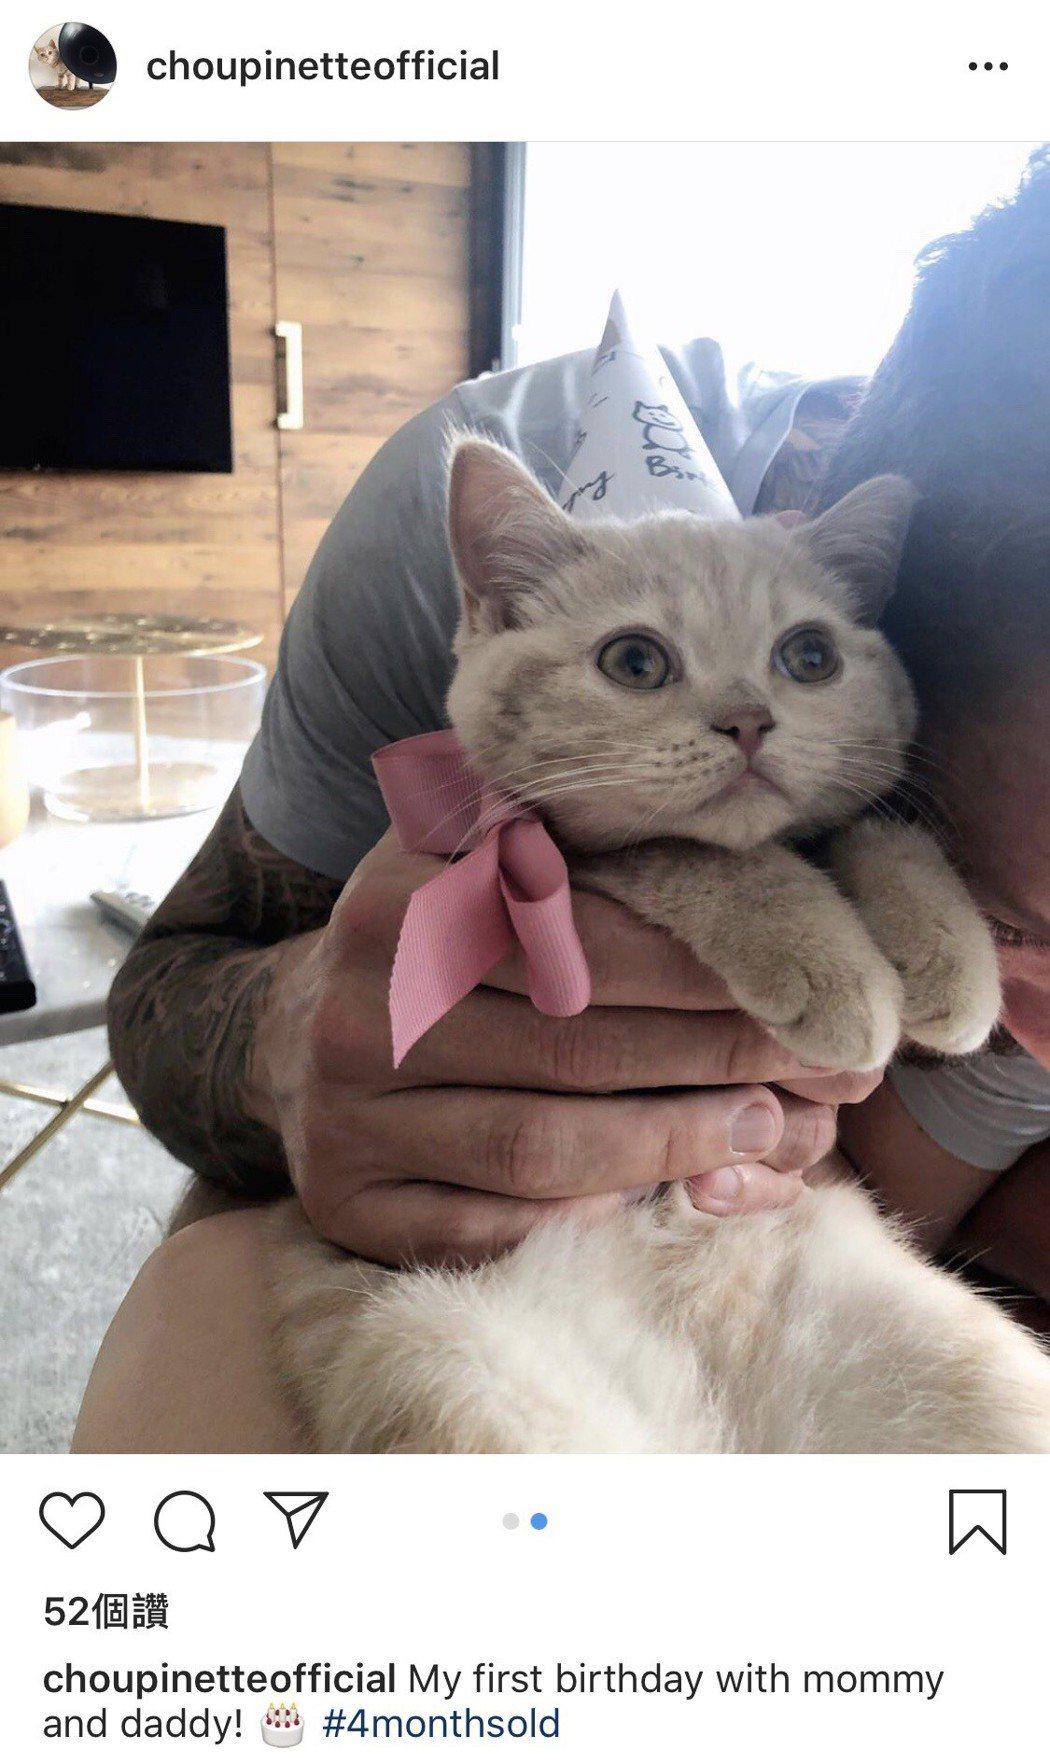 蔡健雅在IG分享男友和貓的合照。圖/摘自IG